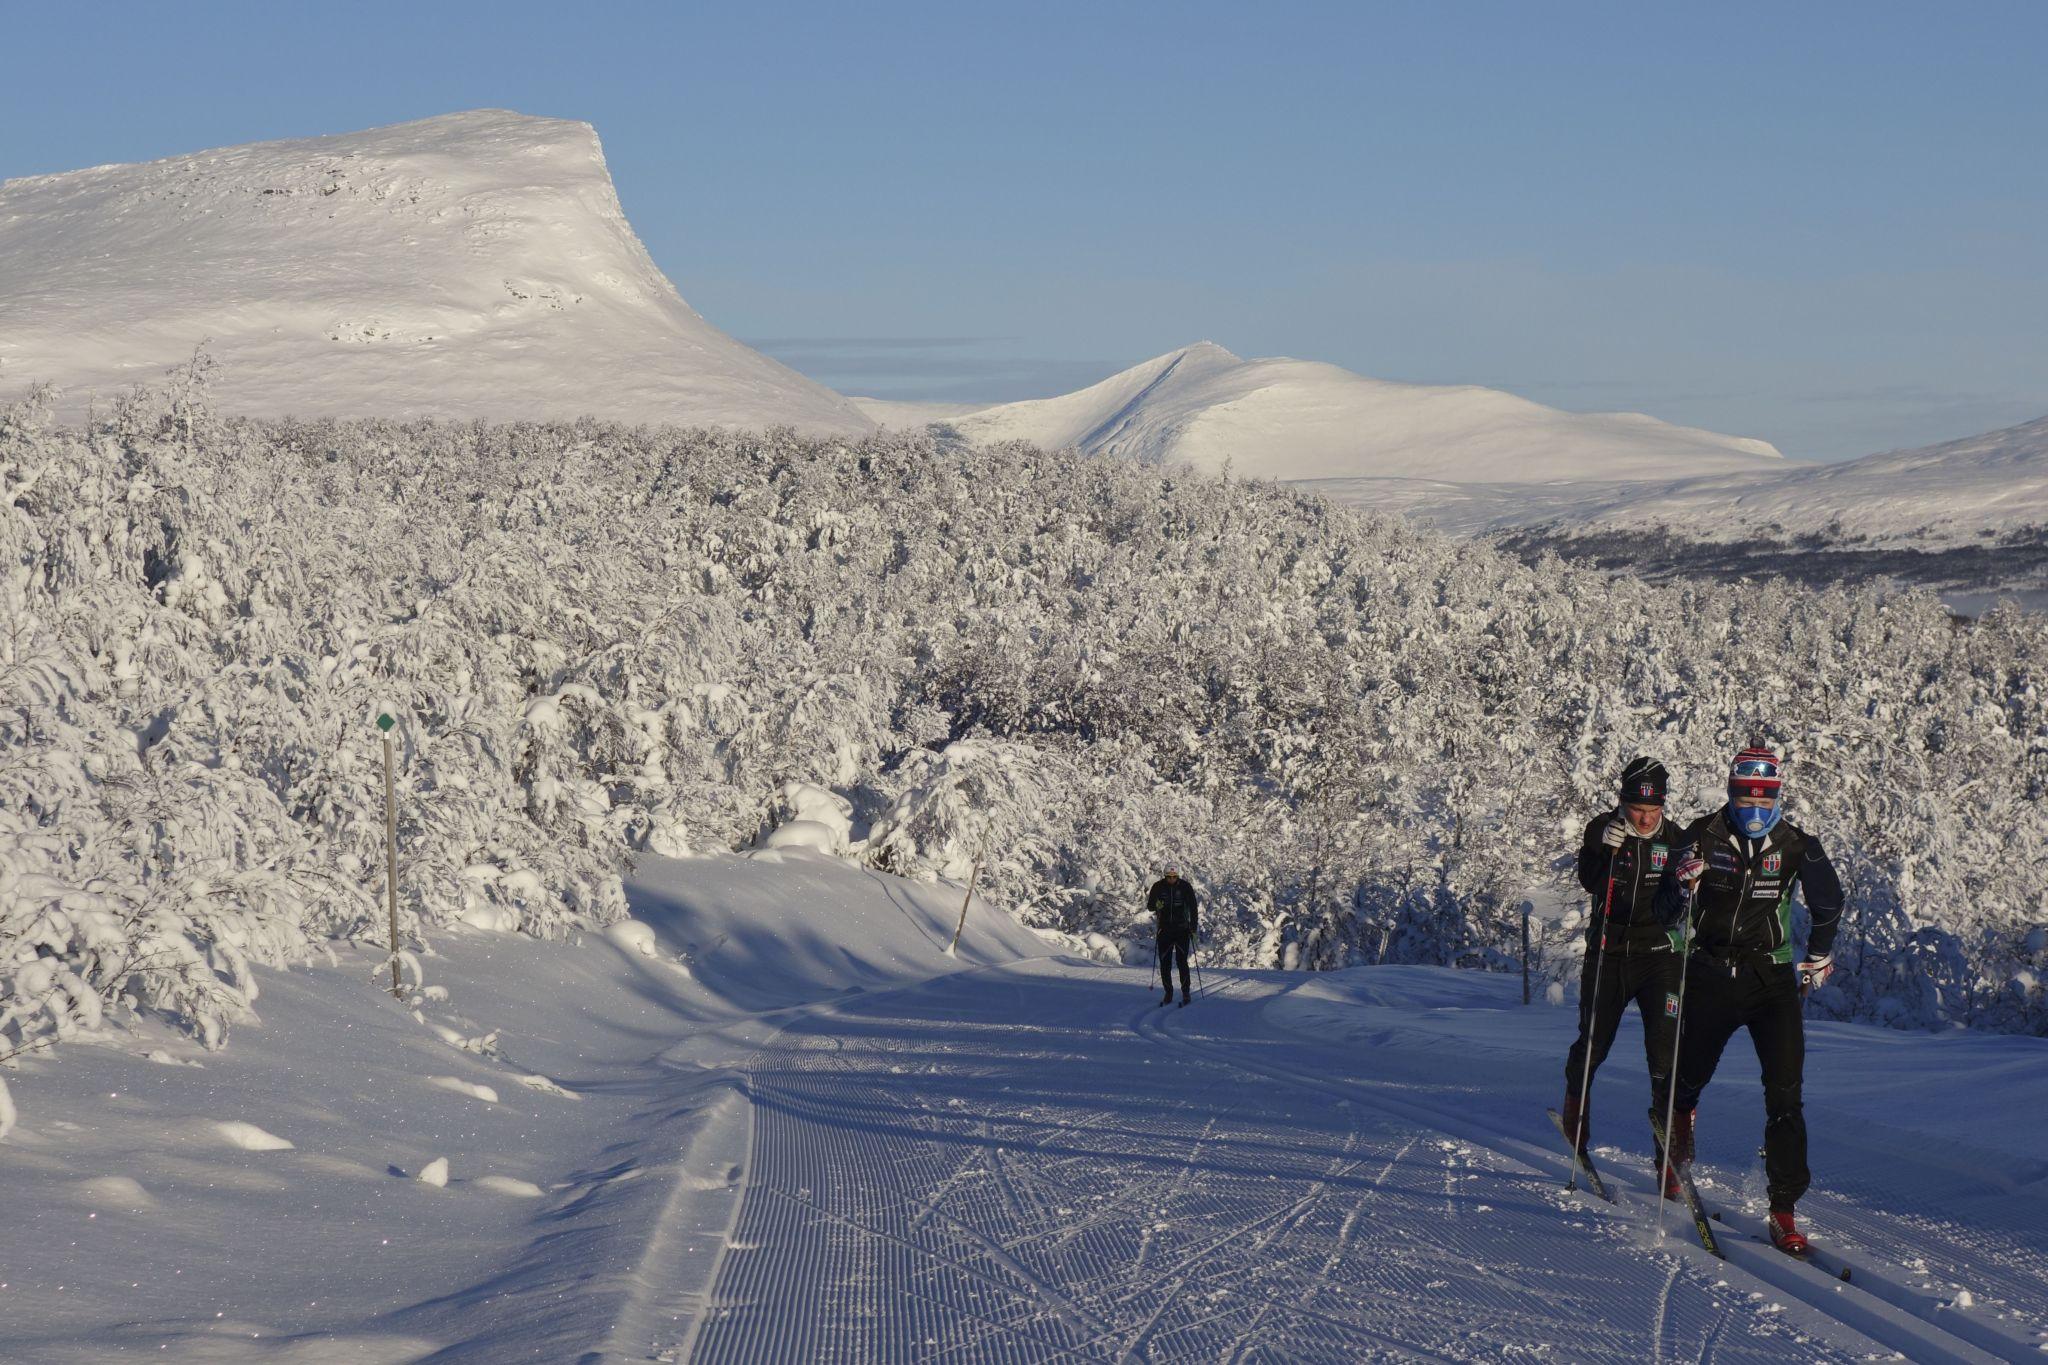 Många norska skidklubbar, svenska skidklubbar, elitåkare, landslaget, Niklas Dyrhaug, Charlotte Kalla med flera är på skidläger i Bruksvallarna just nu.